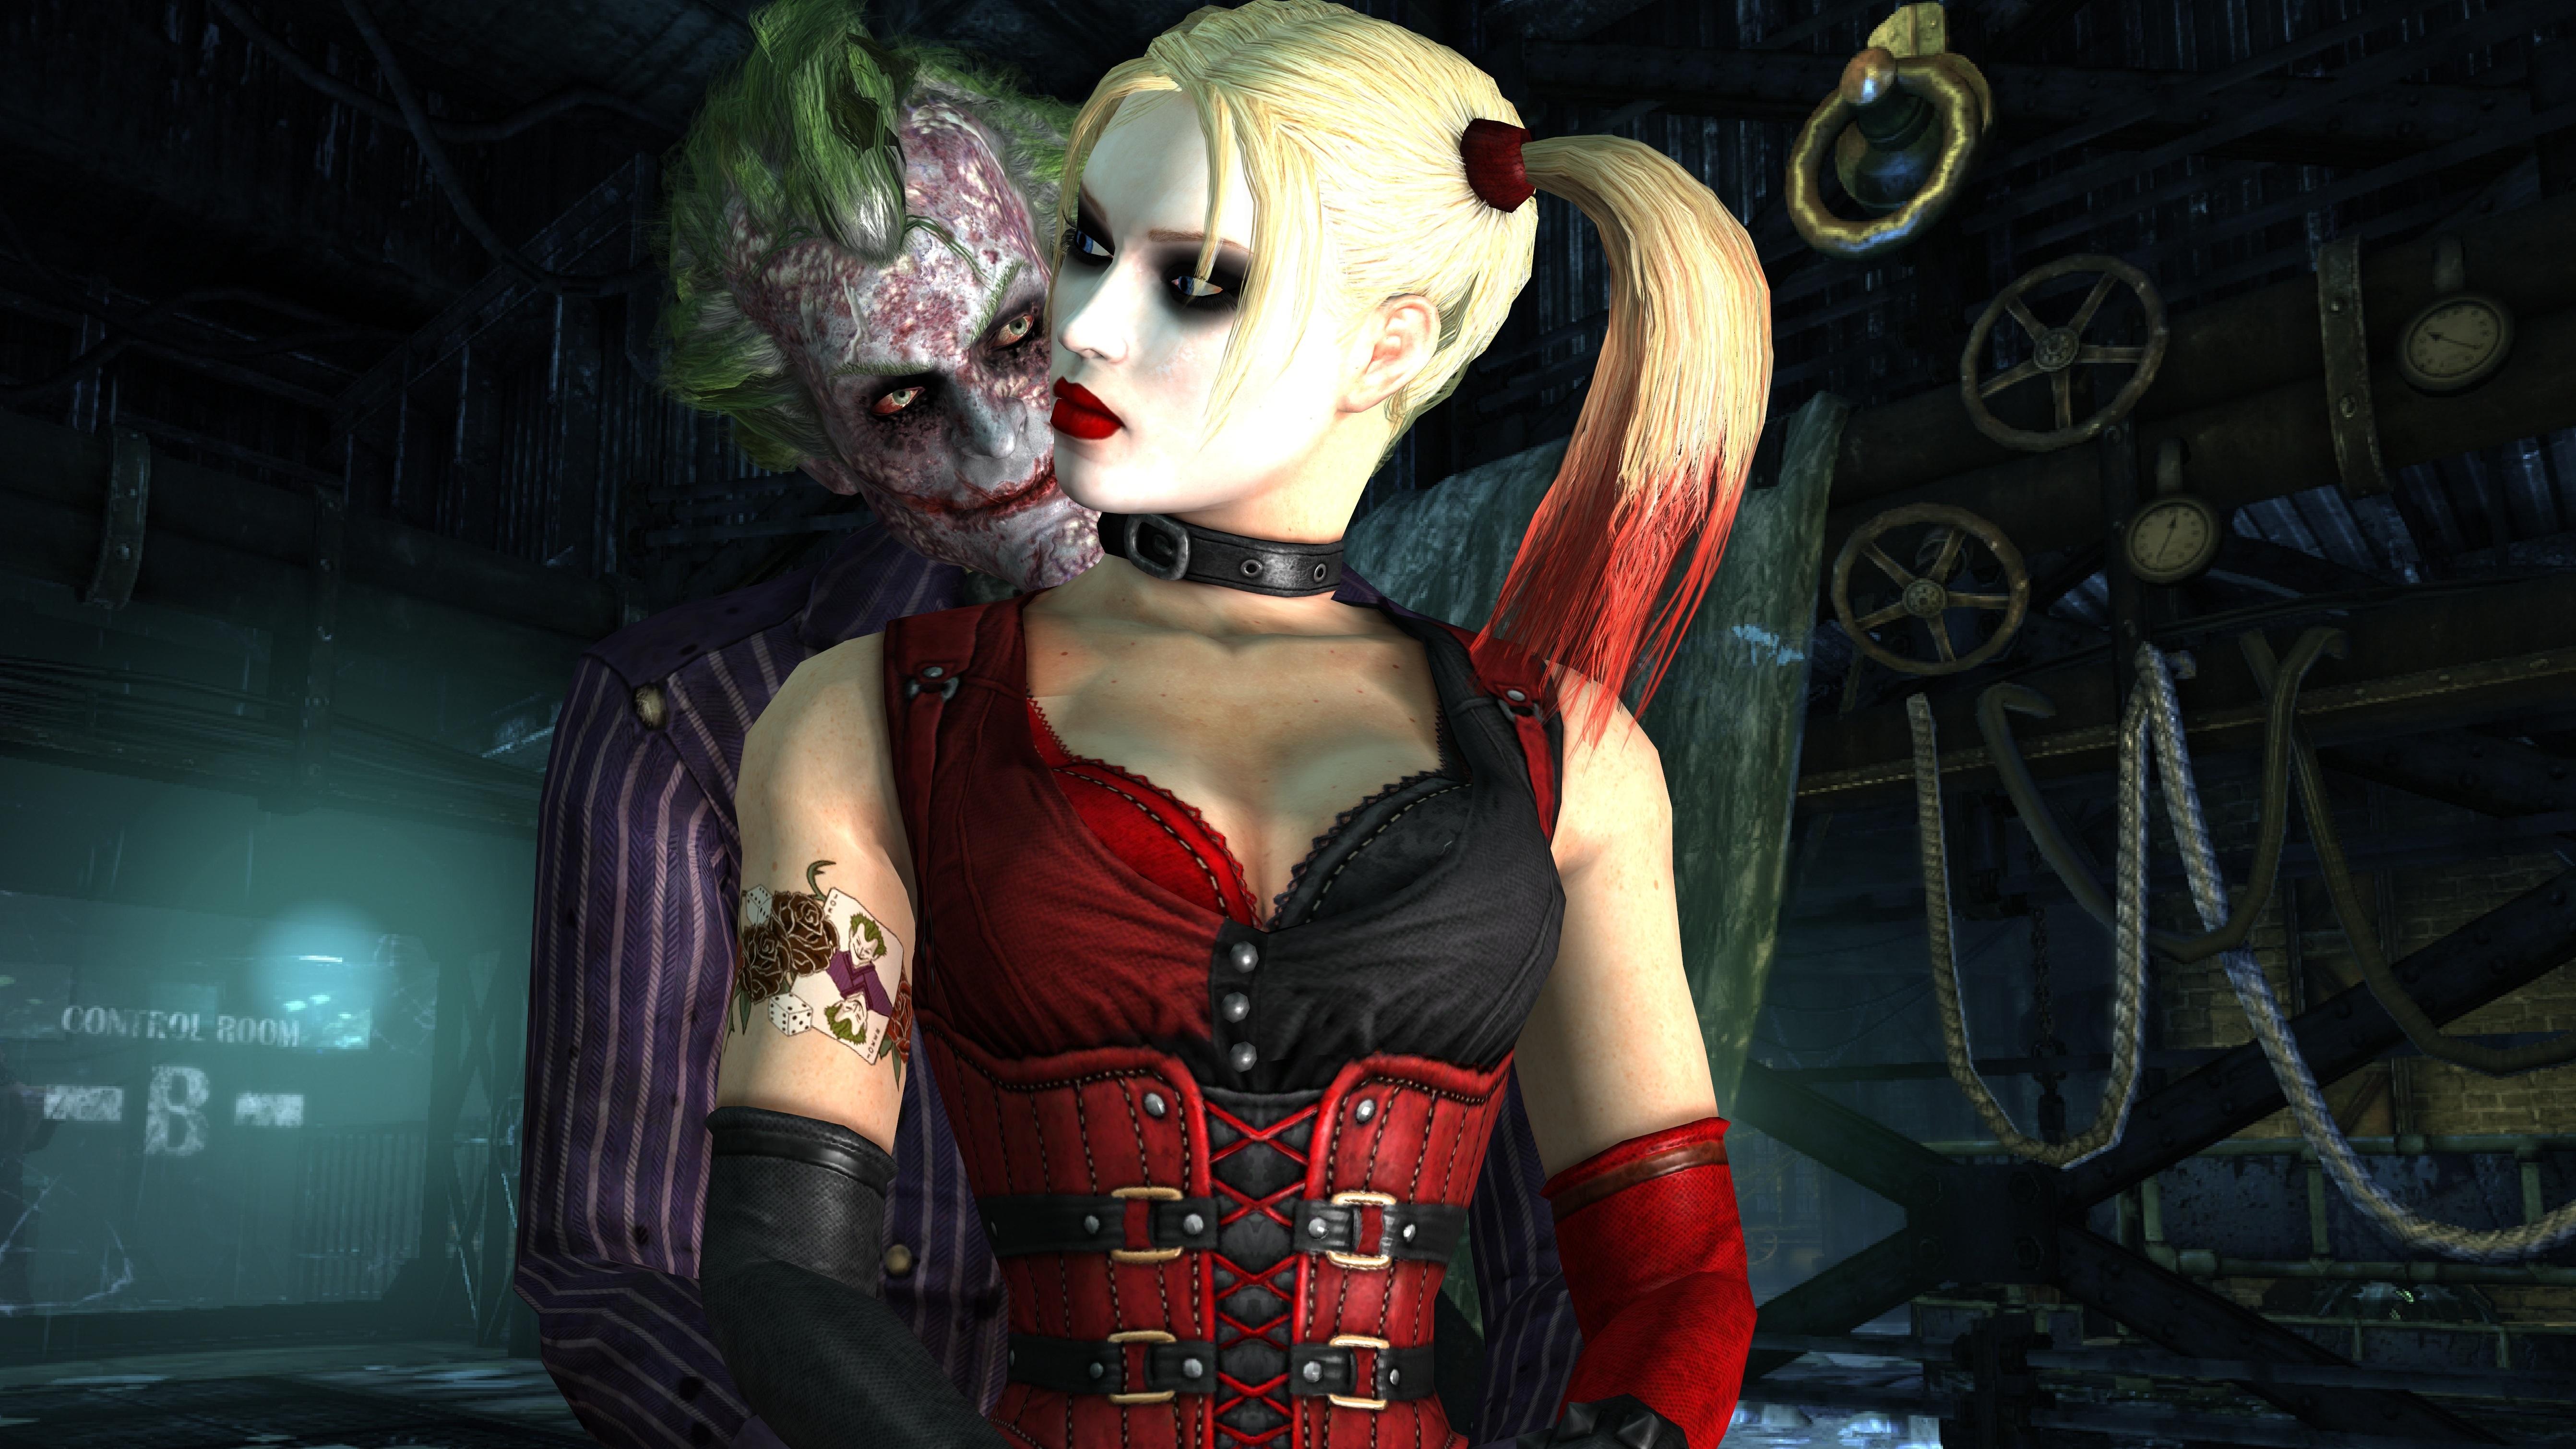 Joker Harley Quinn Wallpaper Wallpapersafari